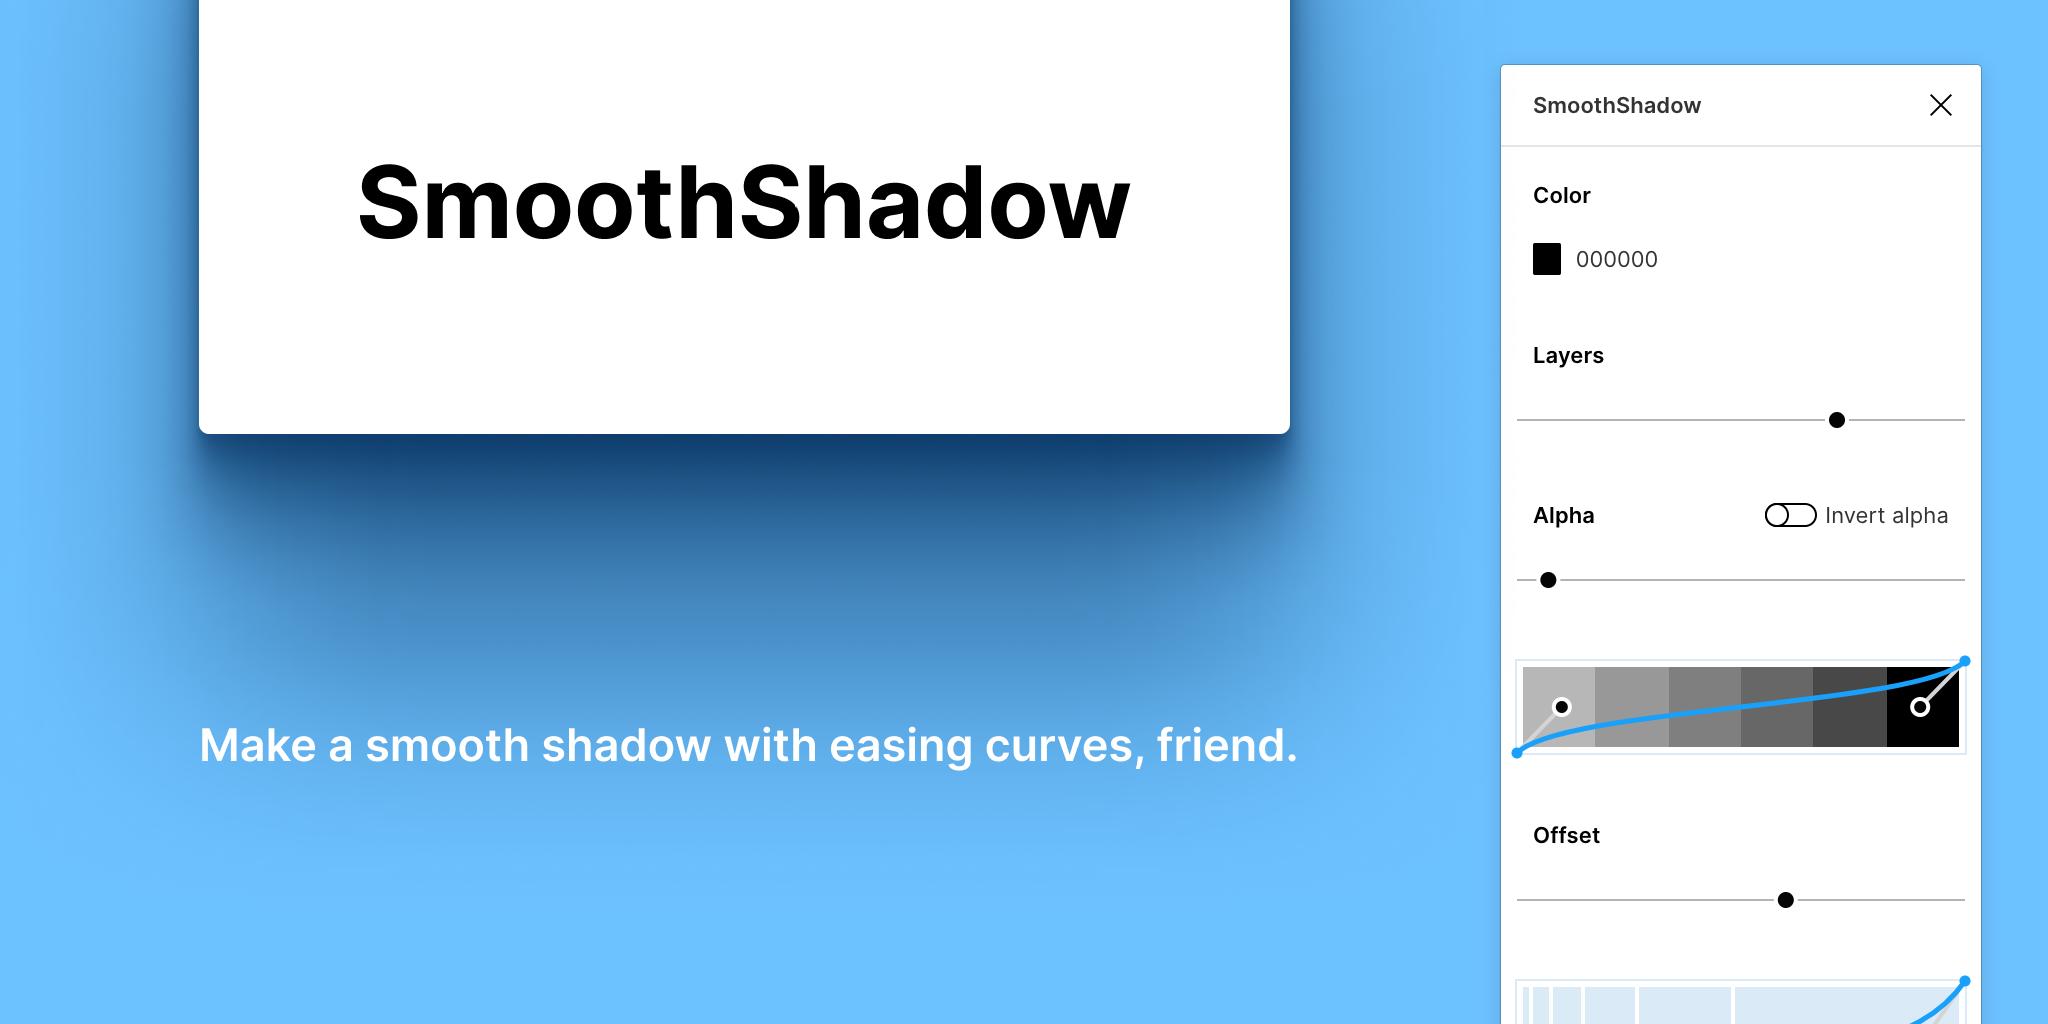 SmoothShadow